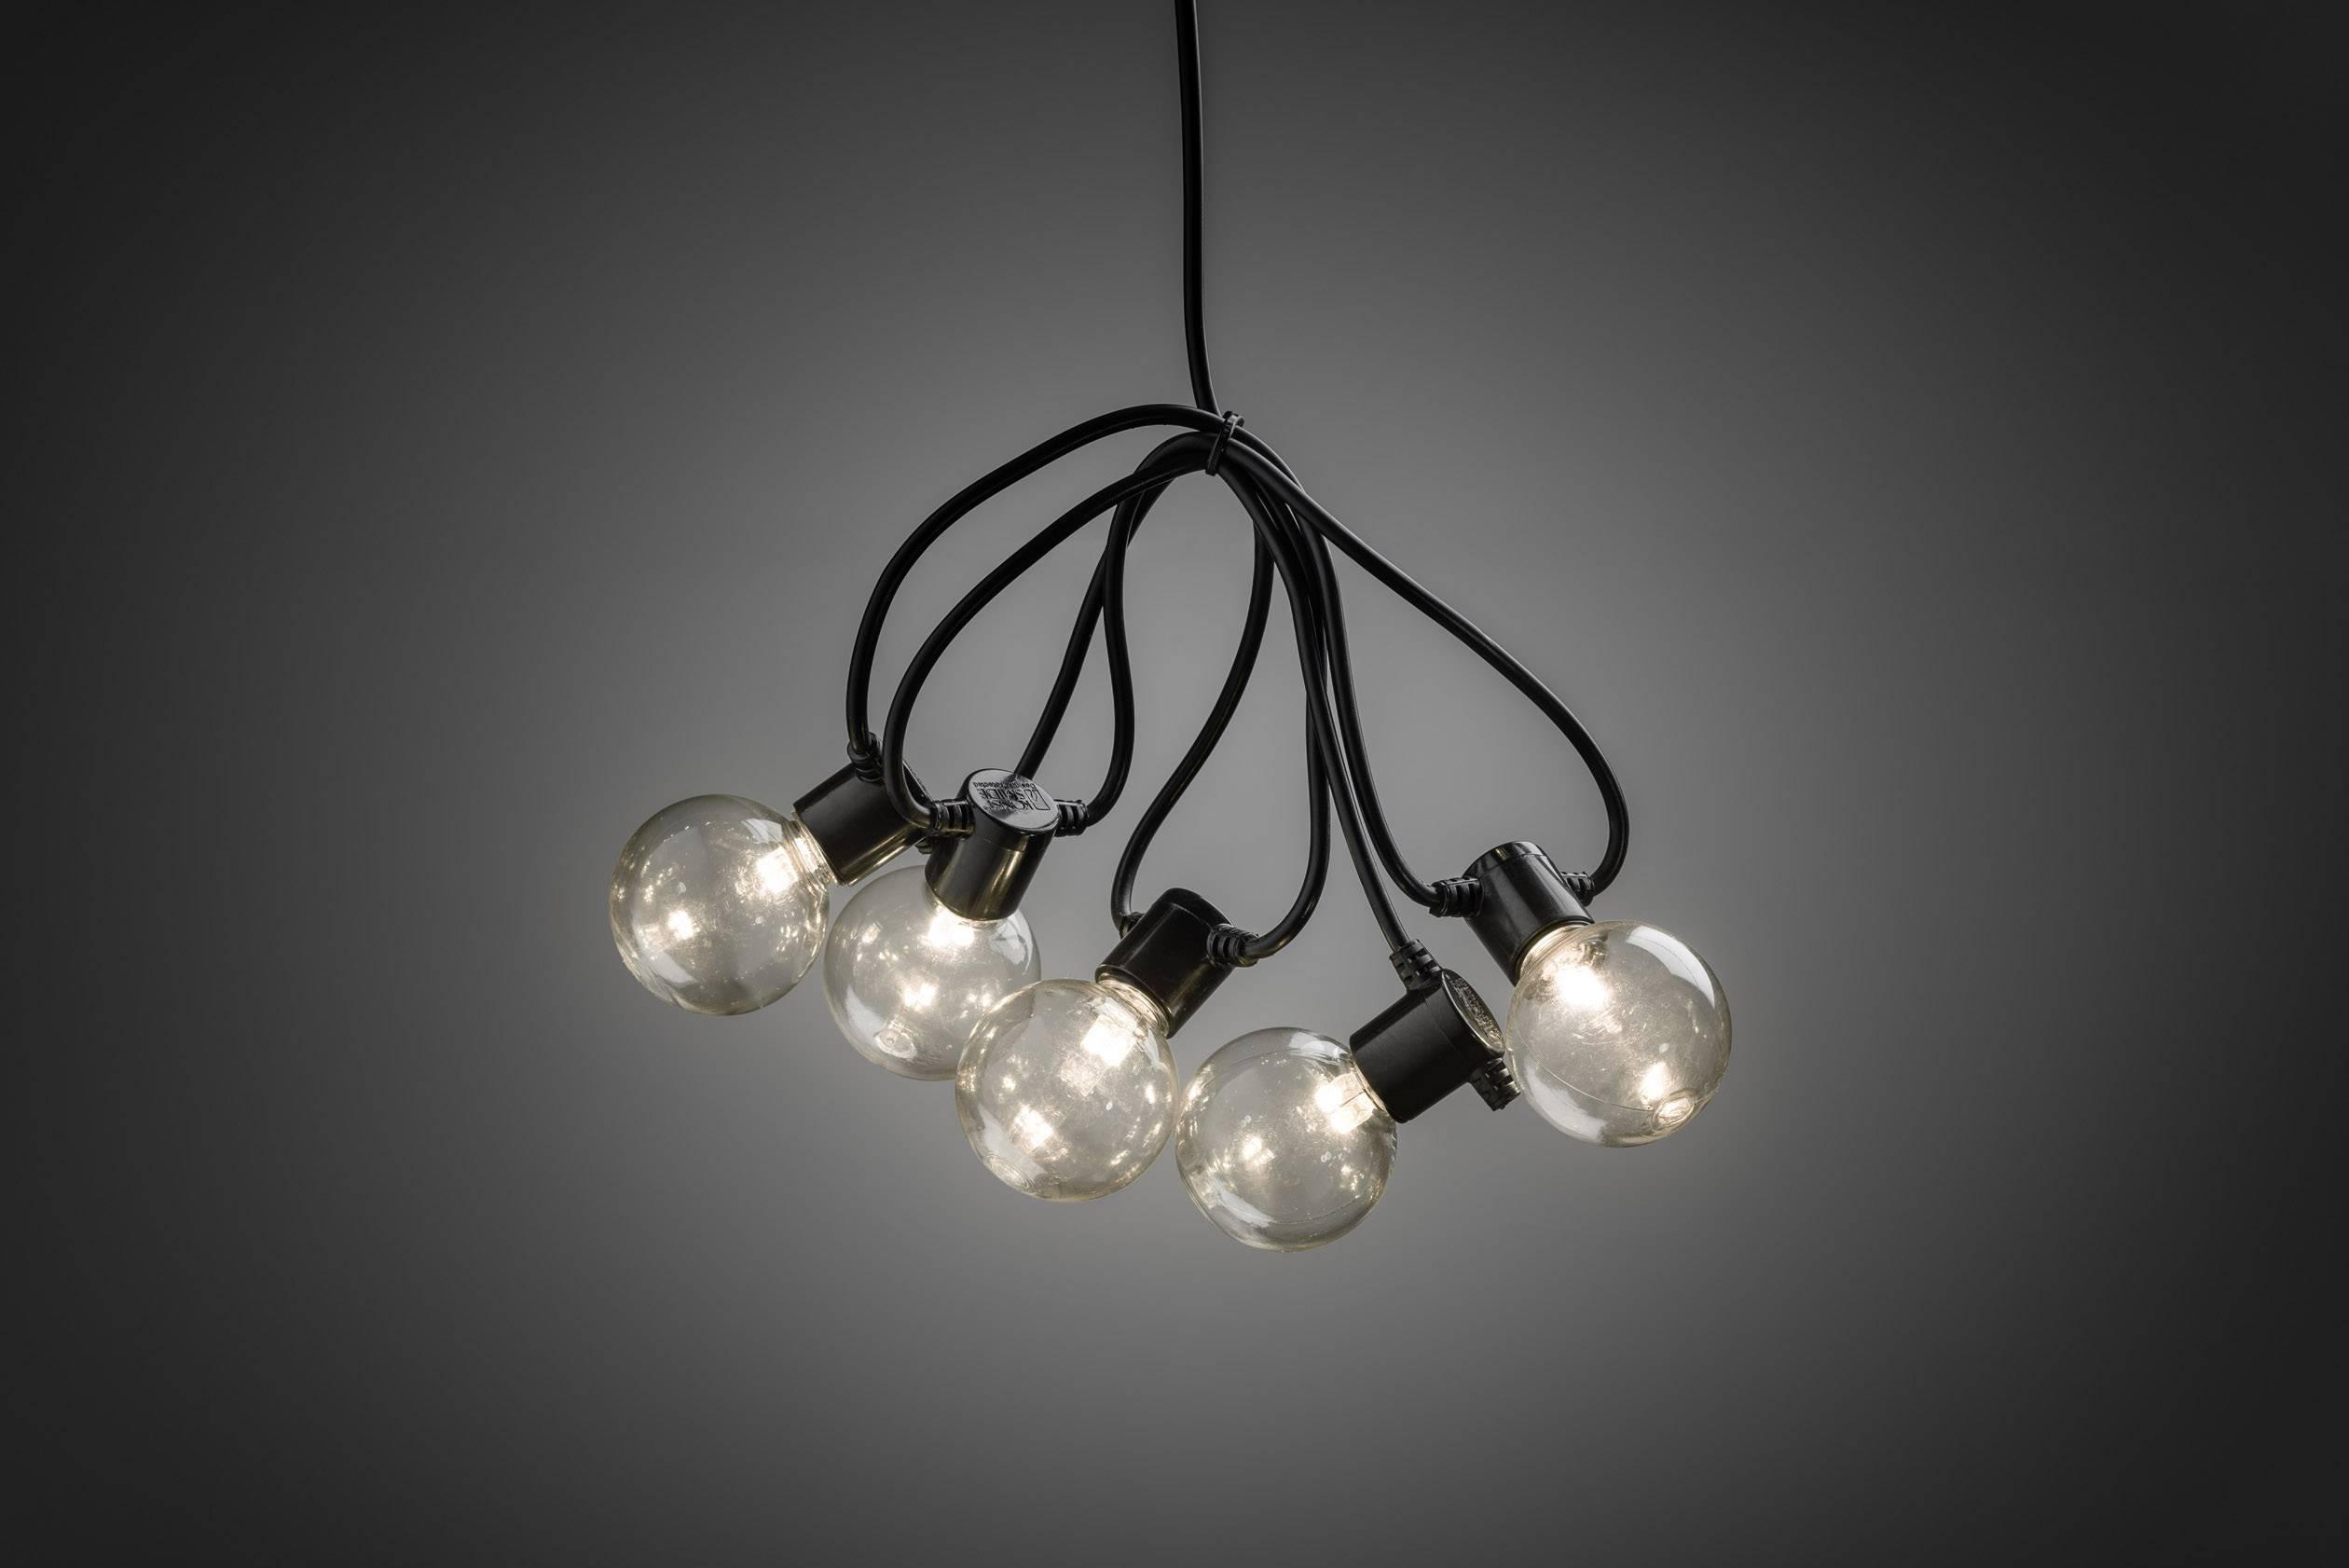 party lichtketting buiten werkt op batterijen 10 20 gloeilamp led helder warm wit verlichte lengte 225 m konstsmi